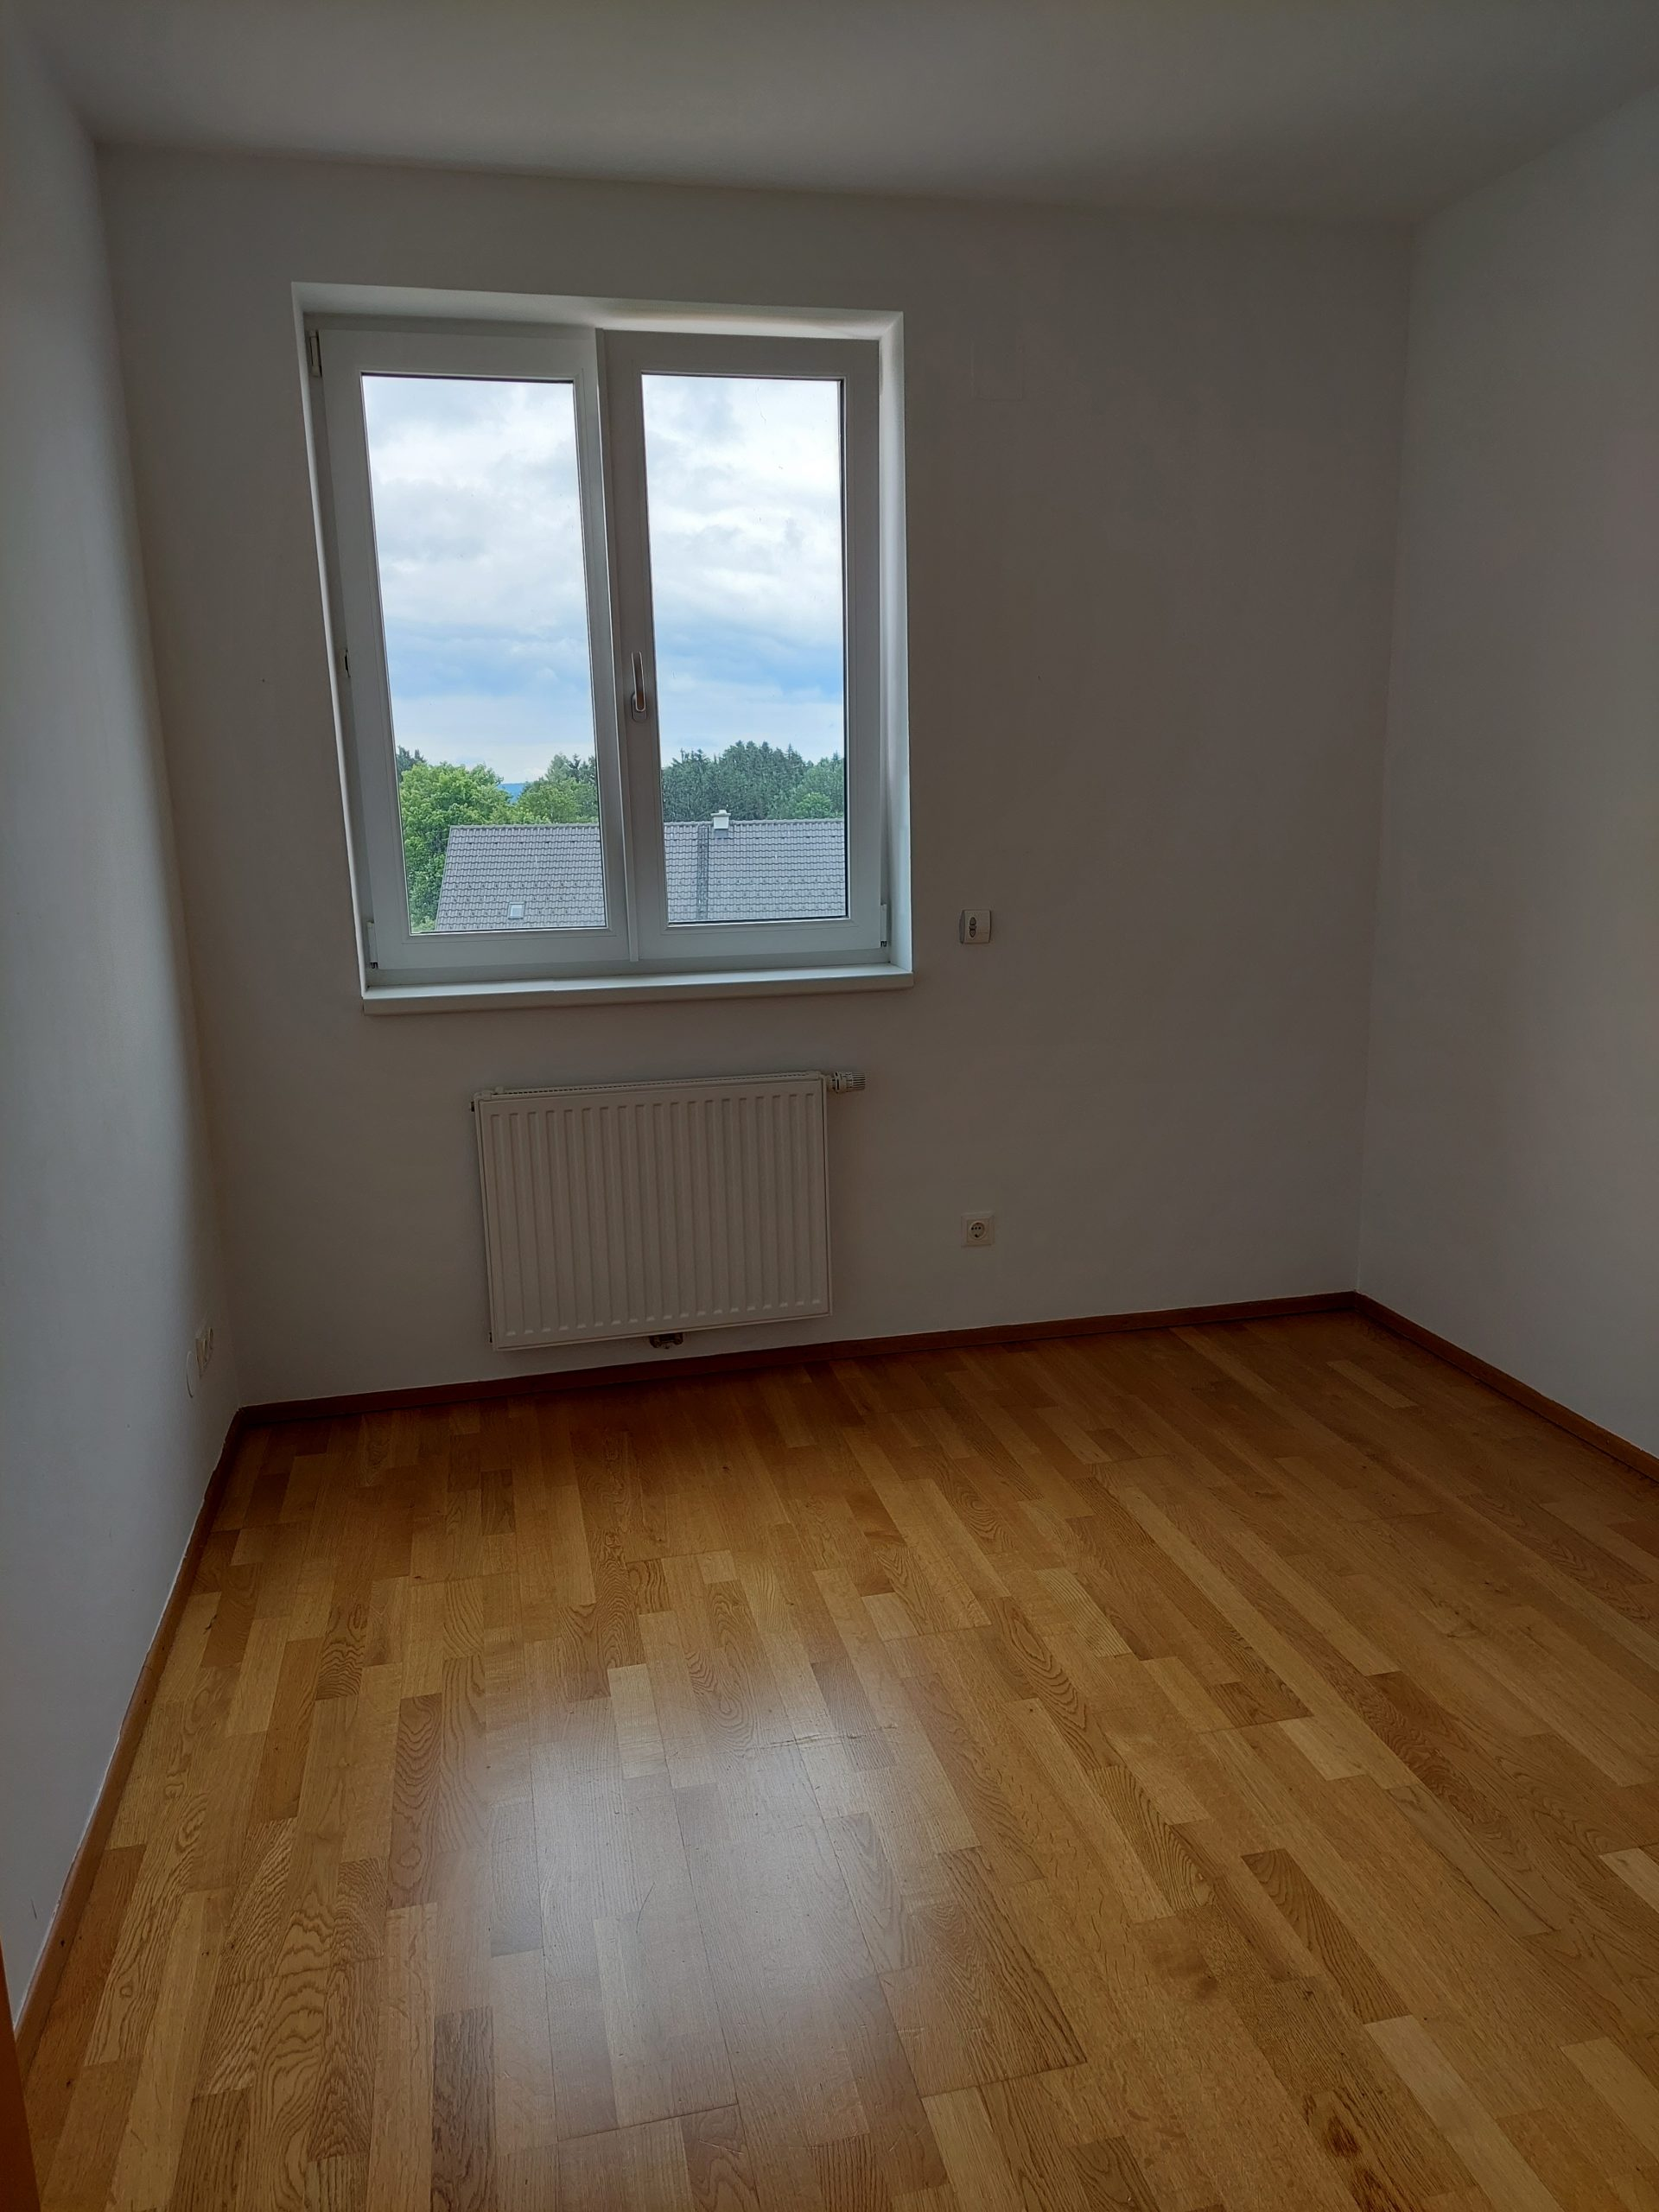 Immobilie von Kamptal in 3632 Bad Traunstein, Zwettl, Bad Traunstein I - Top 9 #5